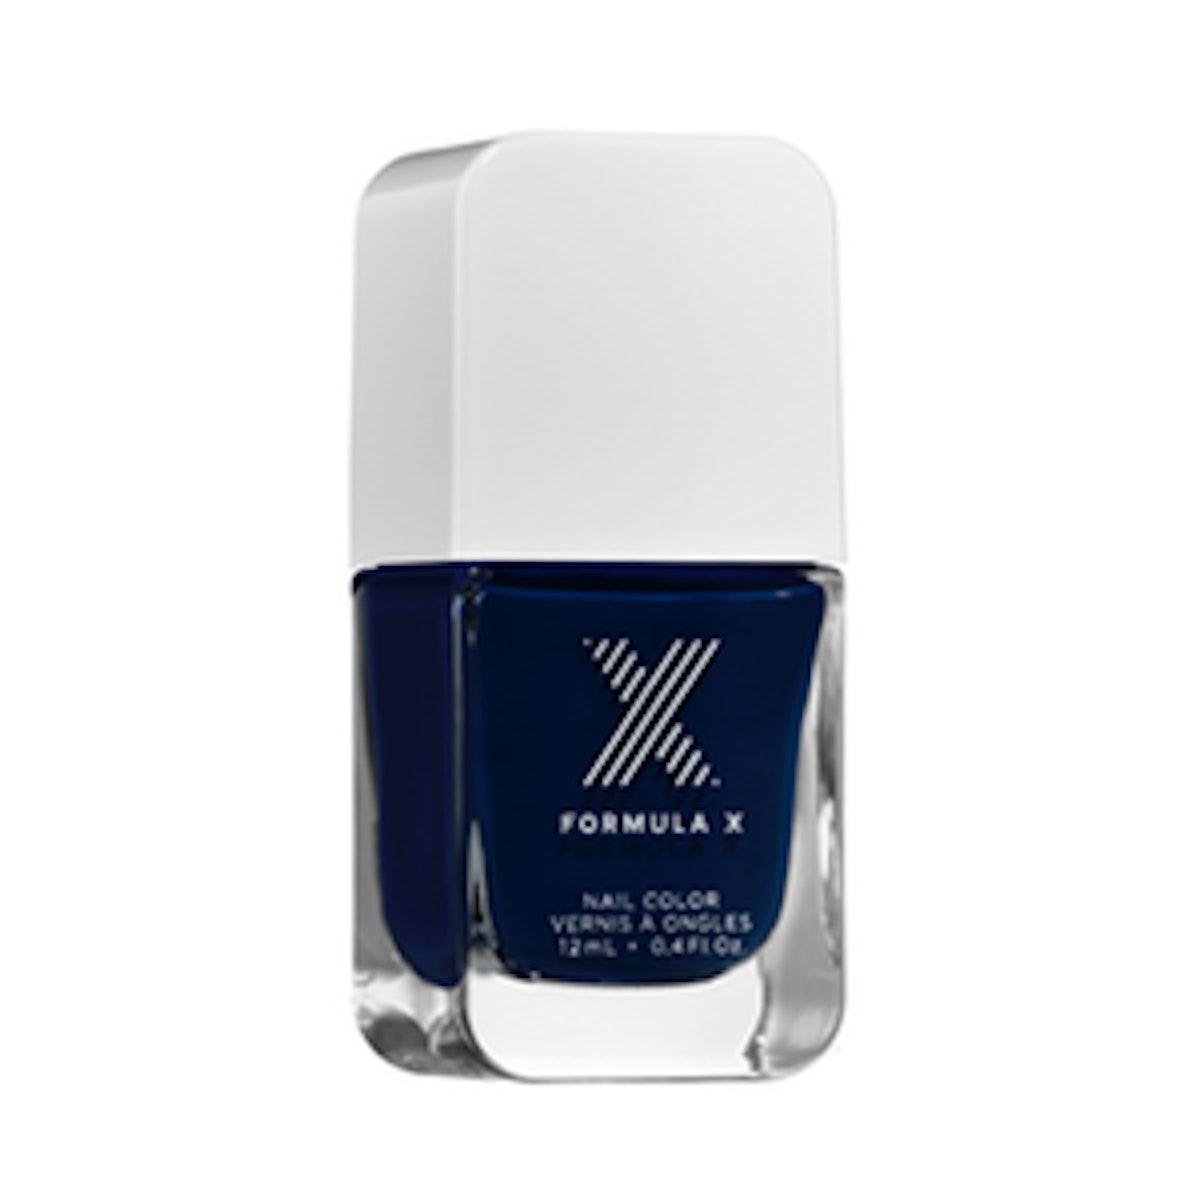 Majestic Midnight Blue Nail Polish